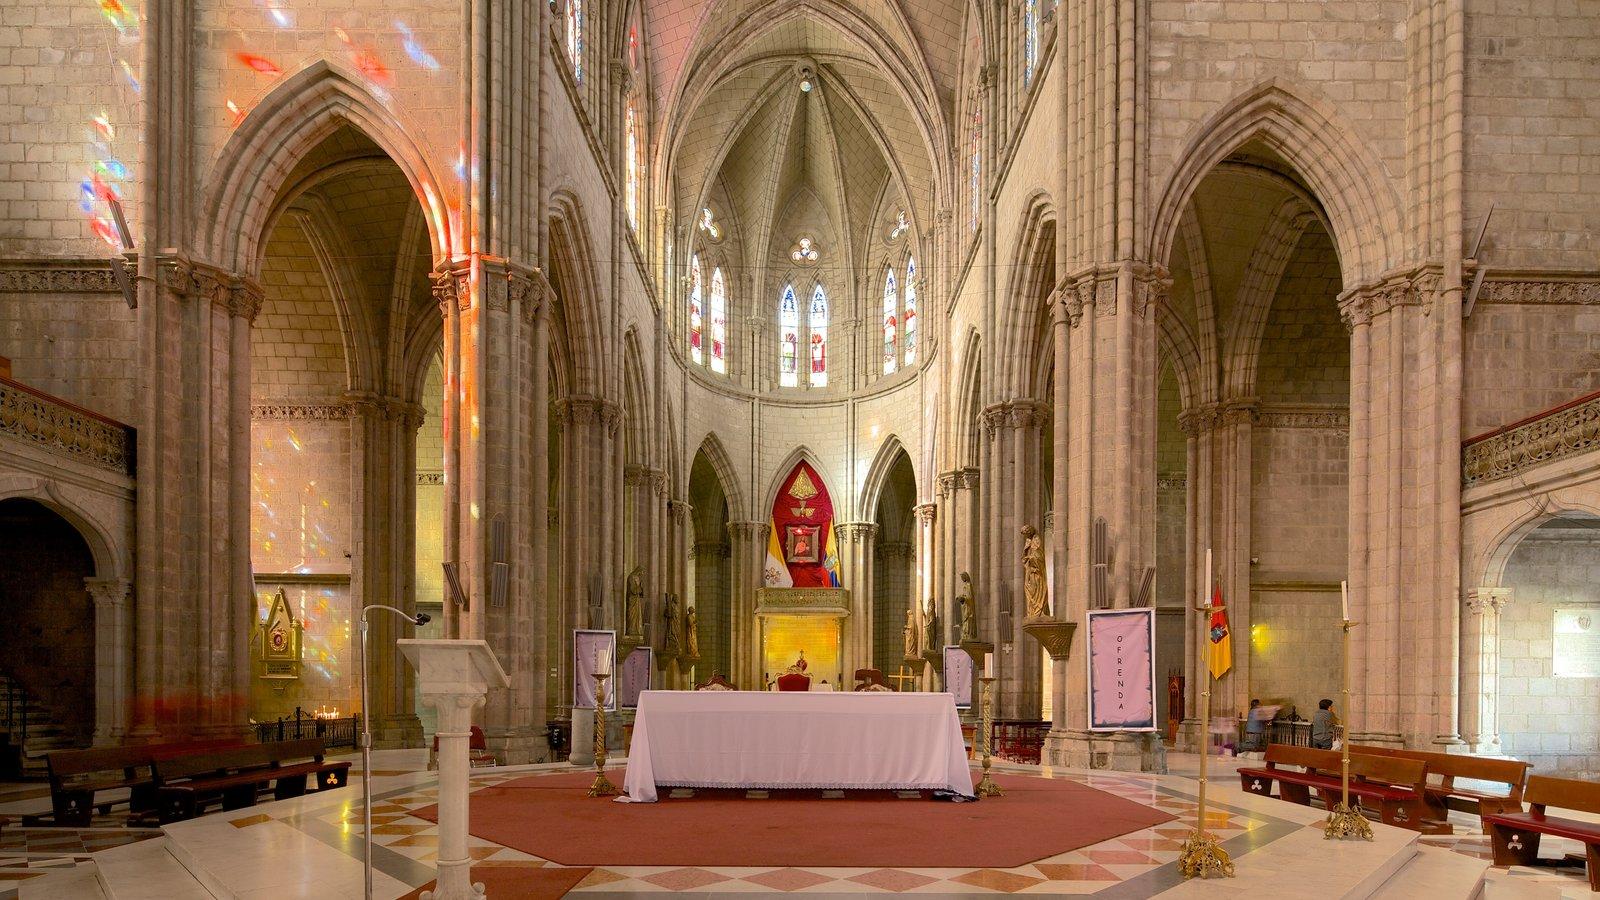 Basílica do Voto Nacional que inclui uma igreja ou catedral, vistas internas e aspectos religiosos